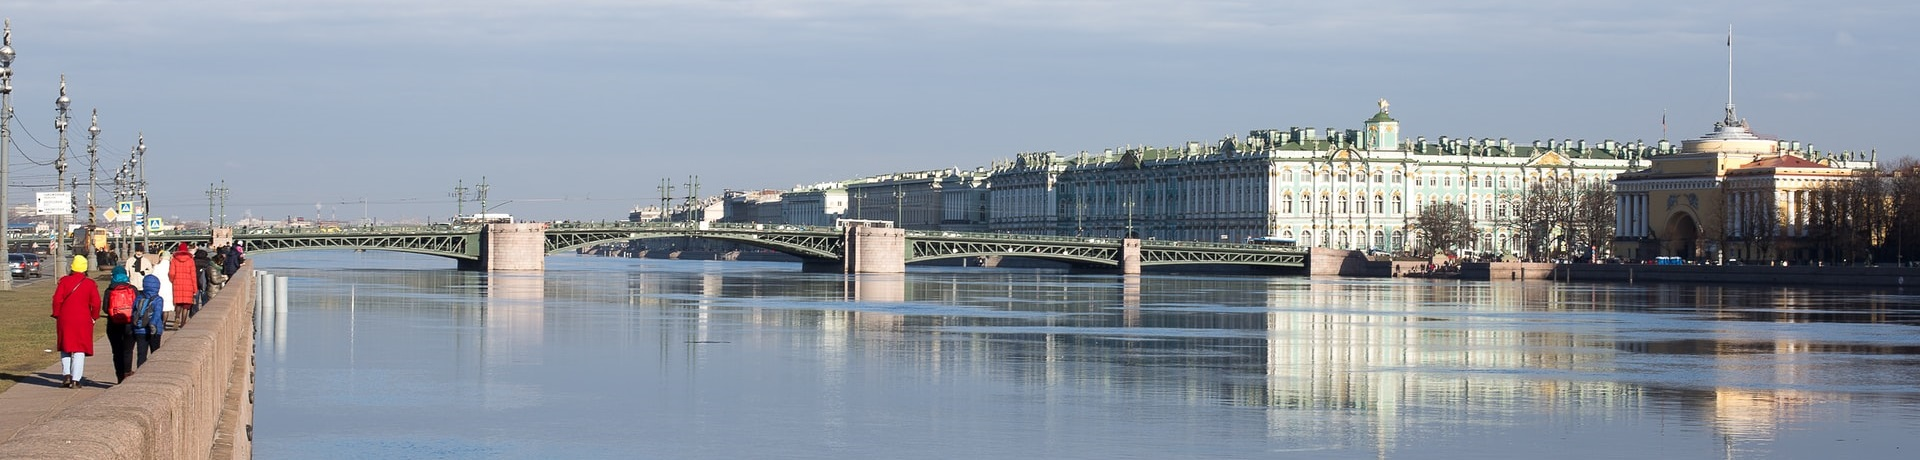 Доставка грузов из Риги в Санкт-Петербург